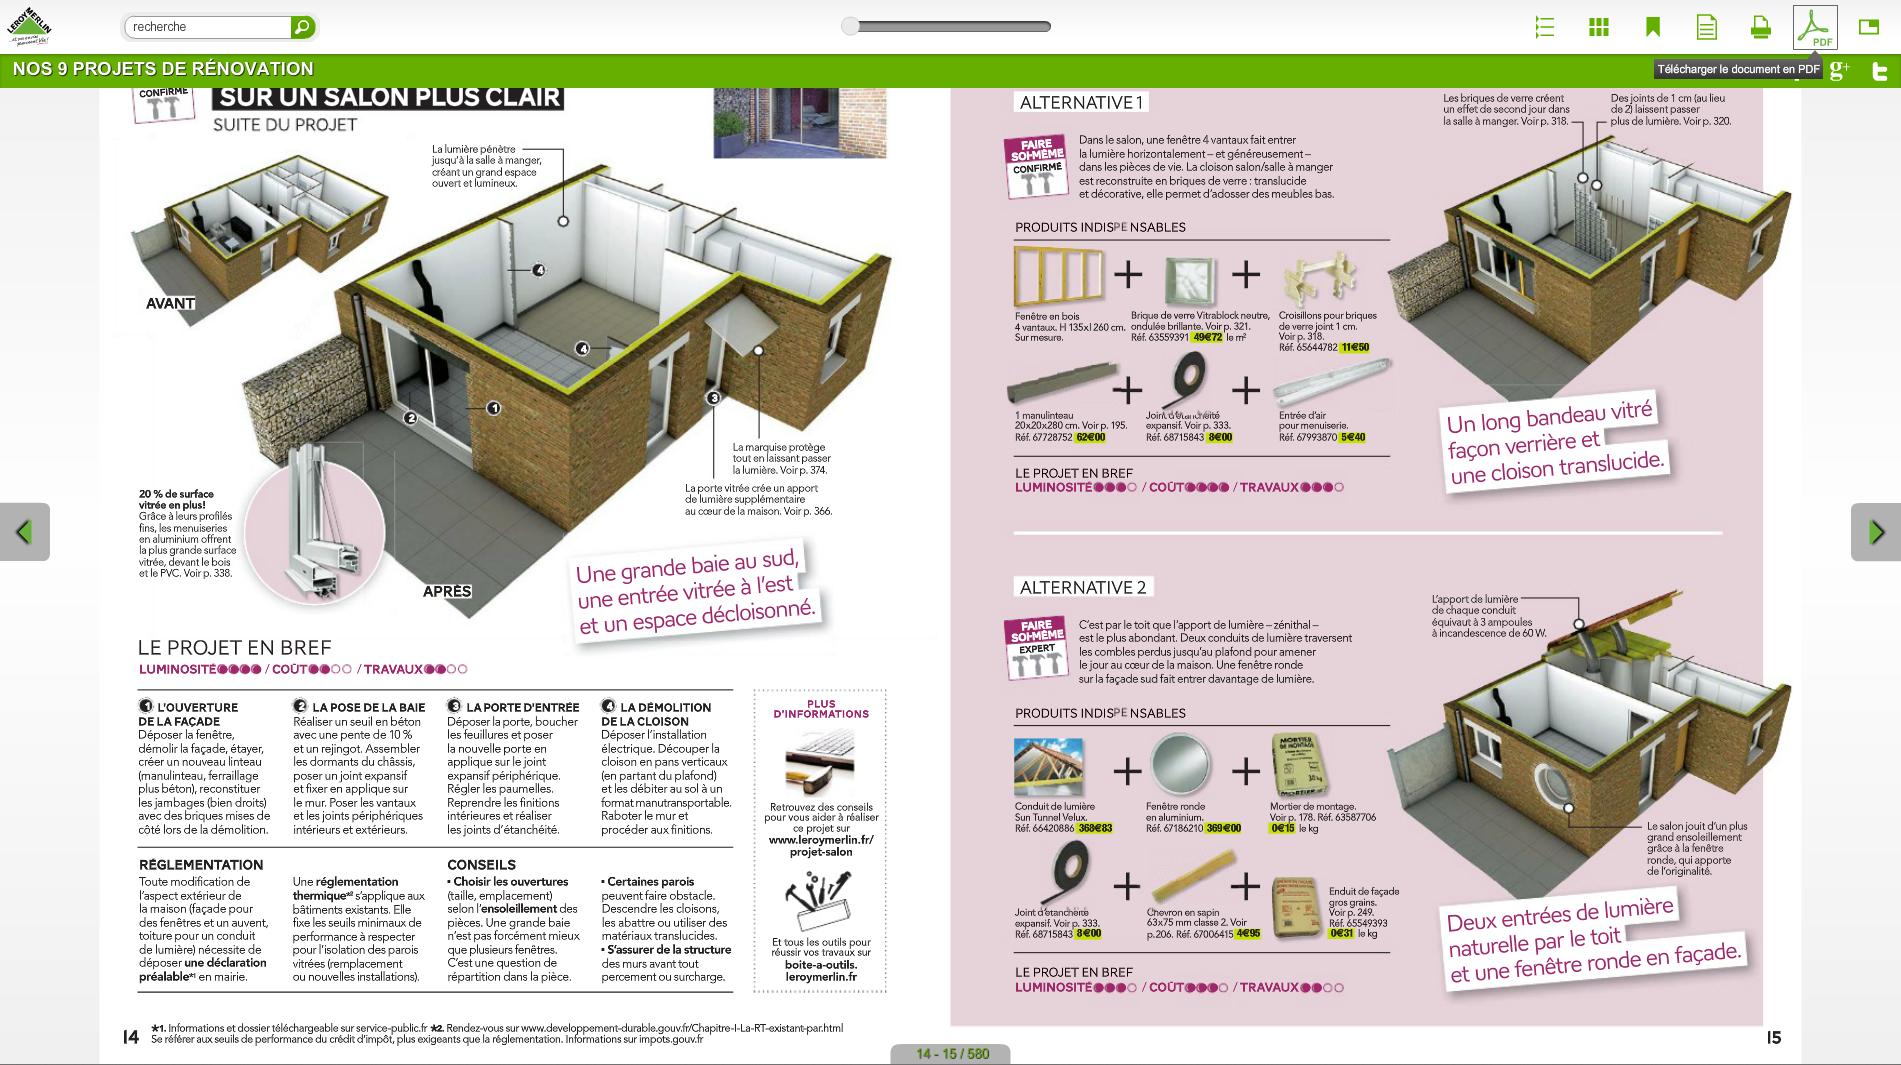 Un exemple d'une page du nouveau catalogue Leroy Merlin qui mêle astucieusement du conseil pratique et de la mise en avant produit. ©Leroy Merlin